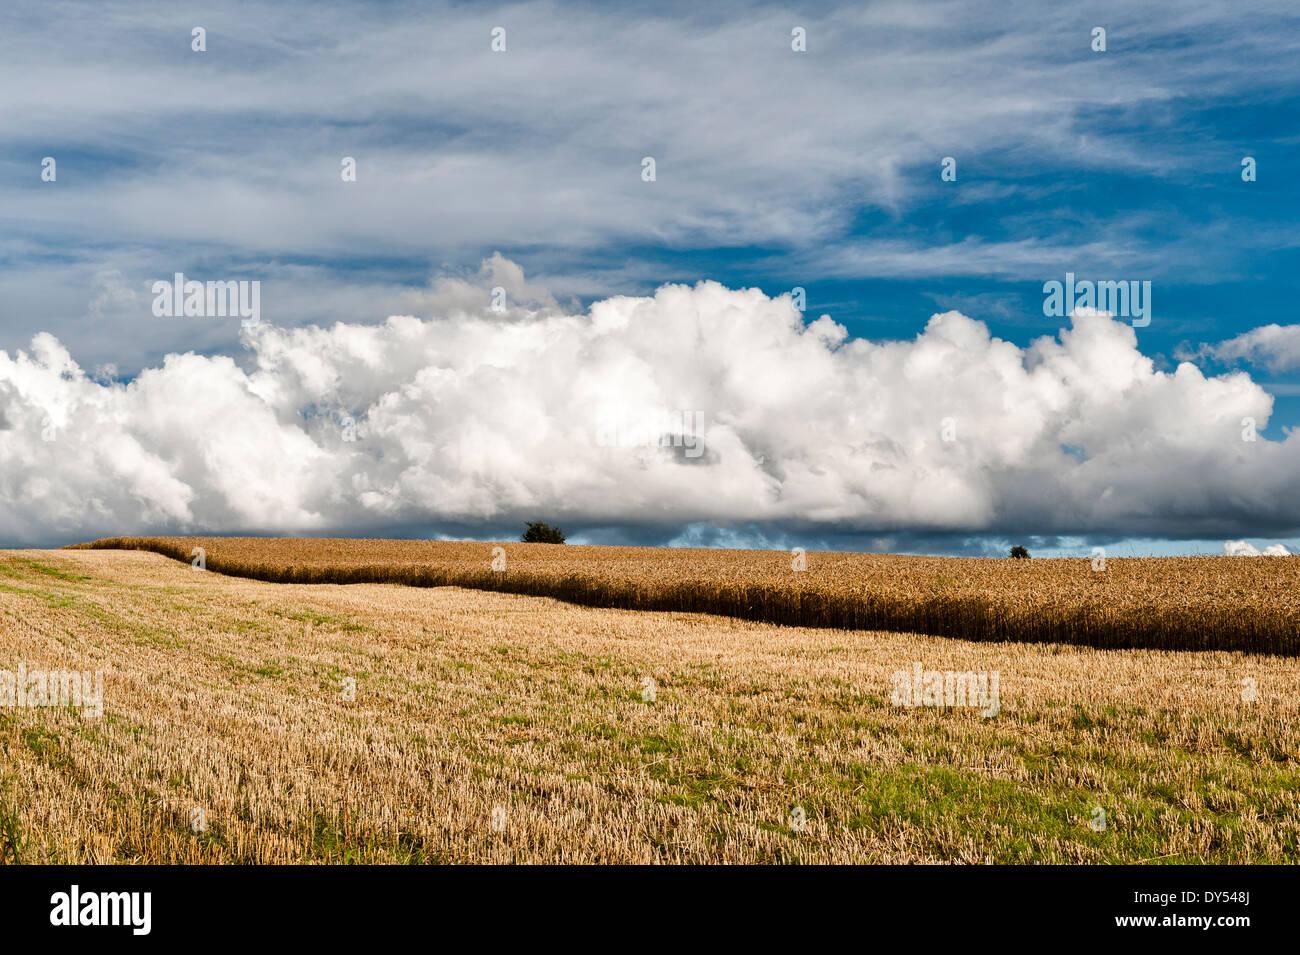 Las nubes cúmulos sobre un campo cortado parcialmente de cebada madura en Stonewall colina cerca de Knighton, Powys Foto de stock